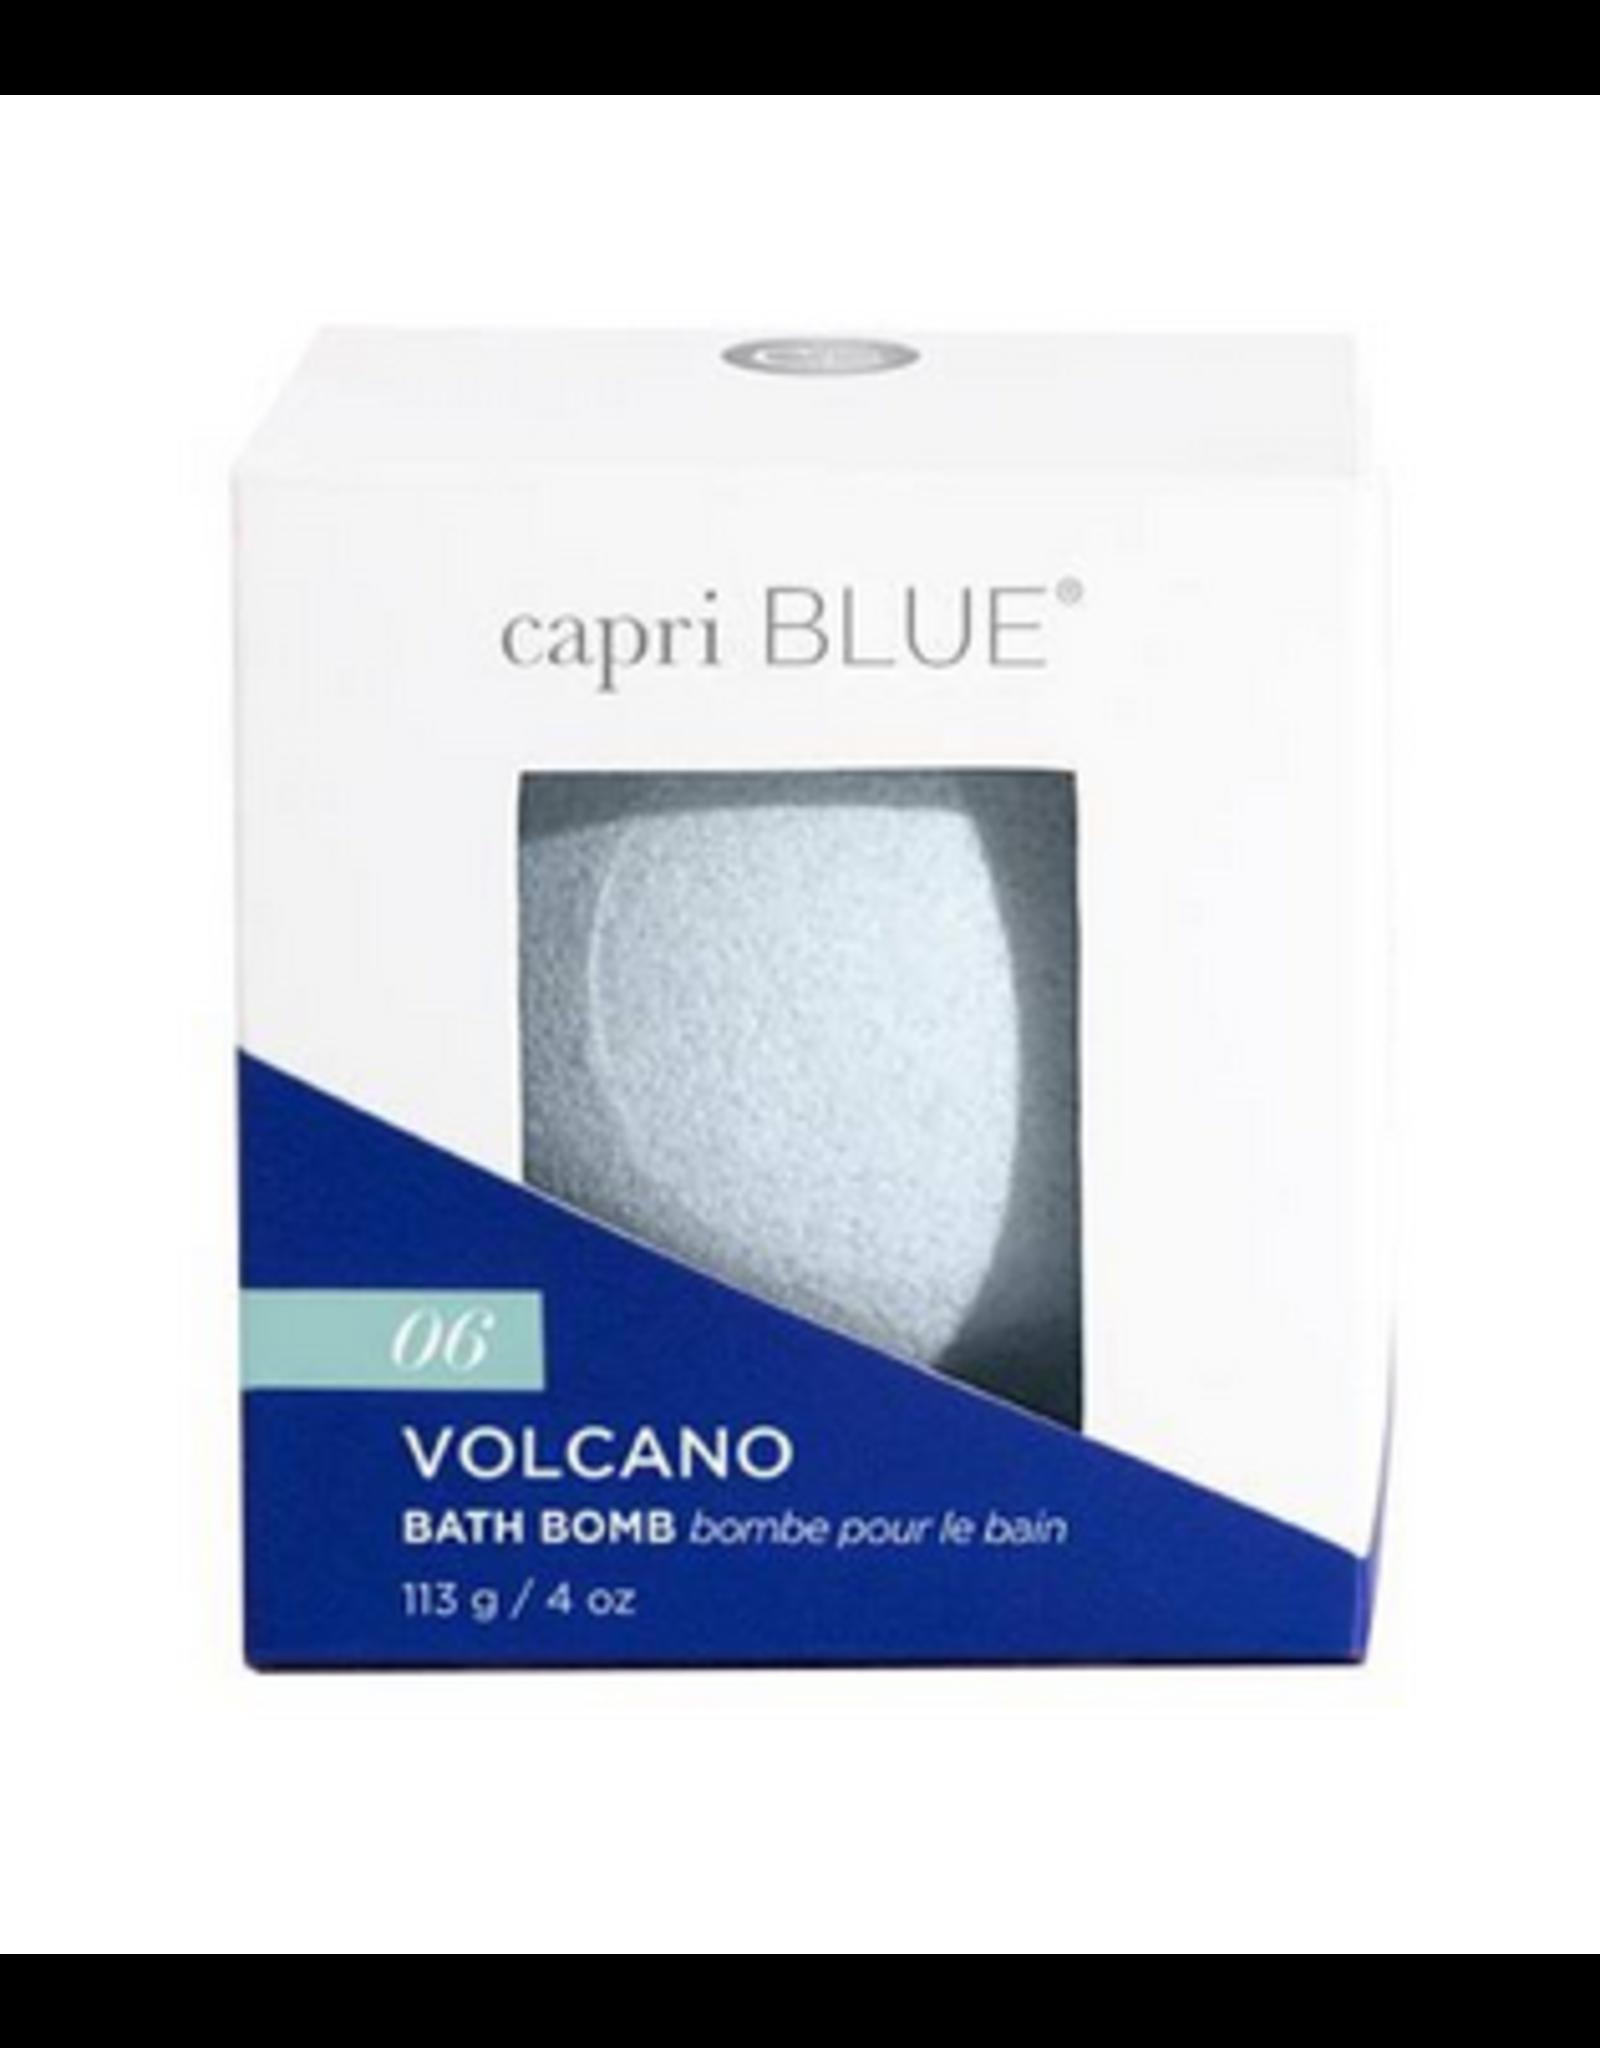 Capri Blue Capri Blue Bath Bomb